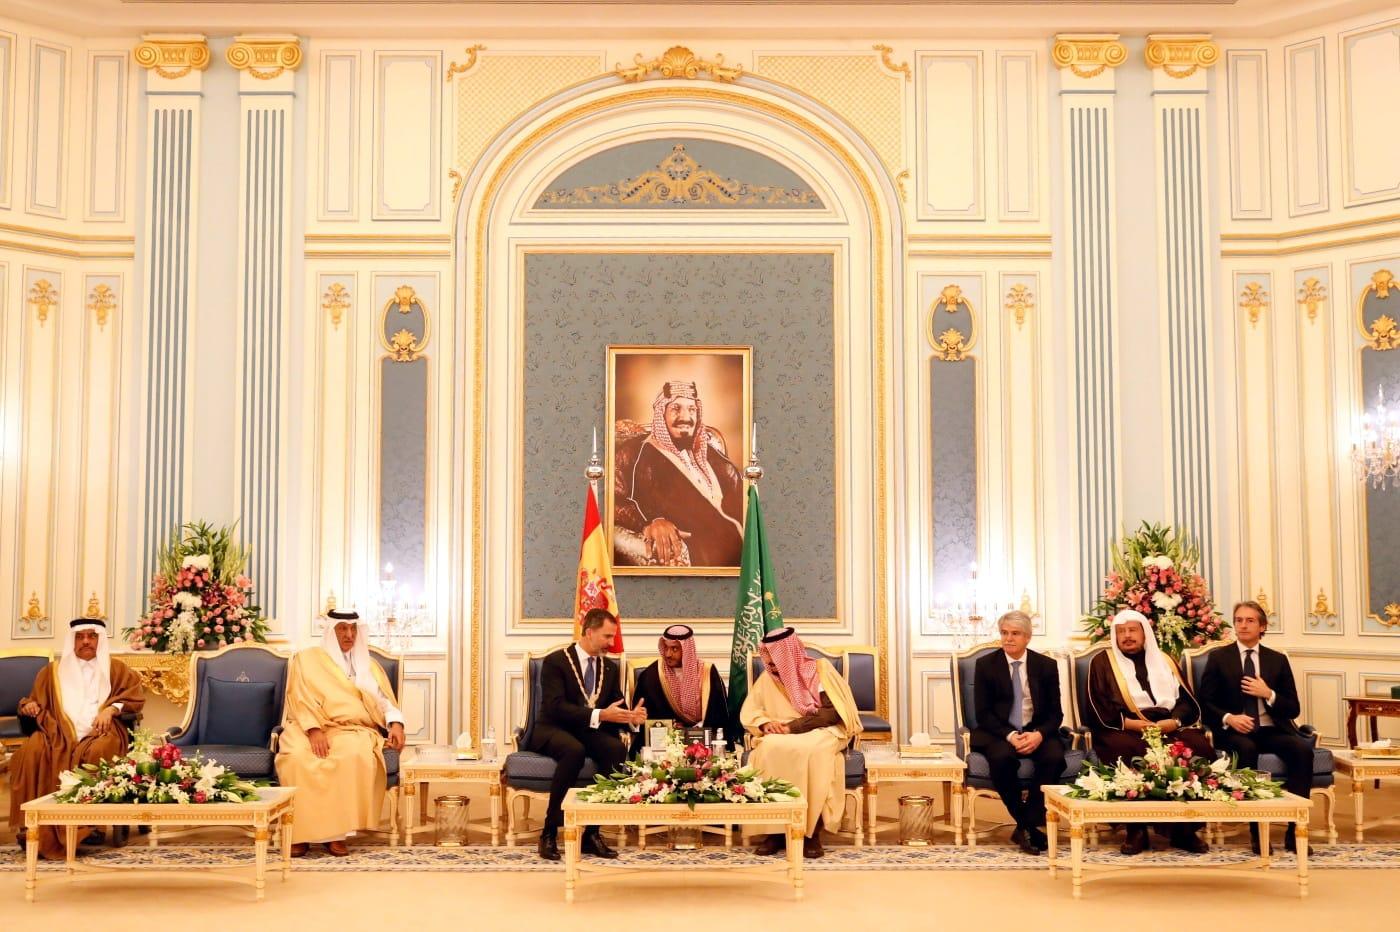 En el centro, el rey Felipe VI junto a Salman Bin Abdulaziz Al-Saud, rey de Arabia Saudí. FOTO: CASA REAL.